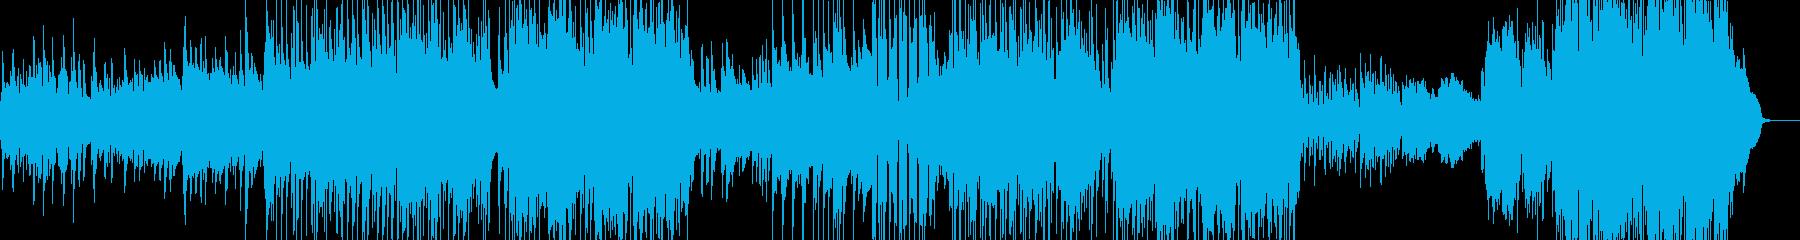 サックス・J-Pop風バラード 長尺+の再生済みの波形